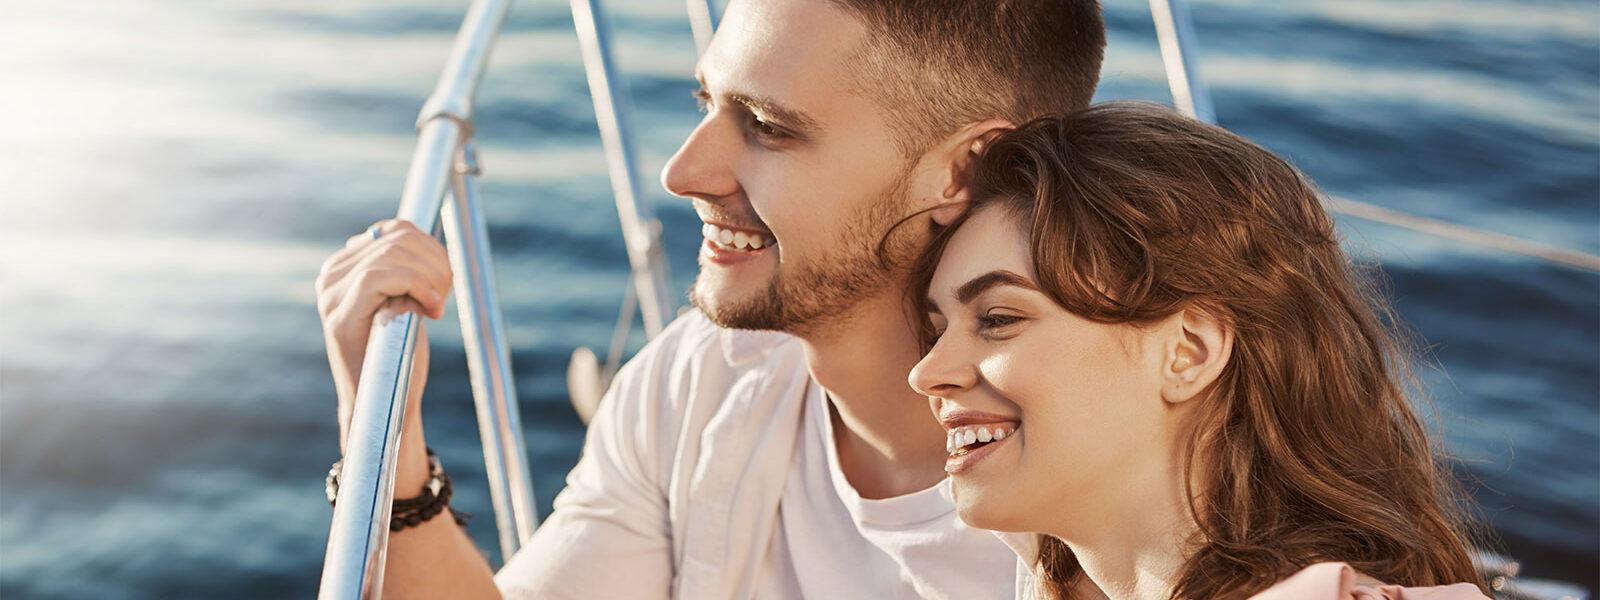 naviga-yachting-balayı-mavi-turları